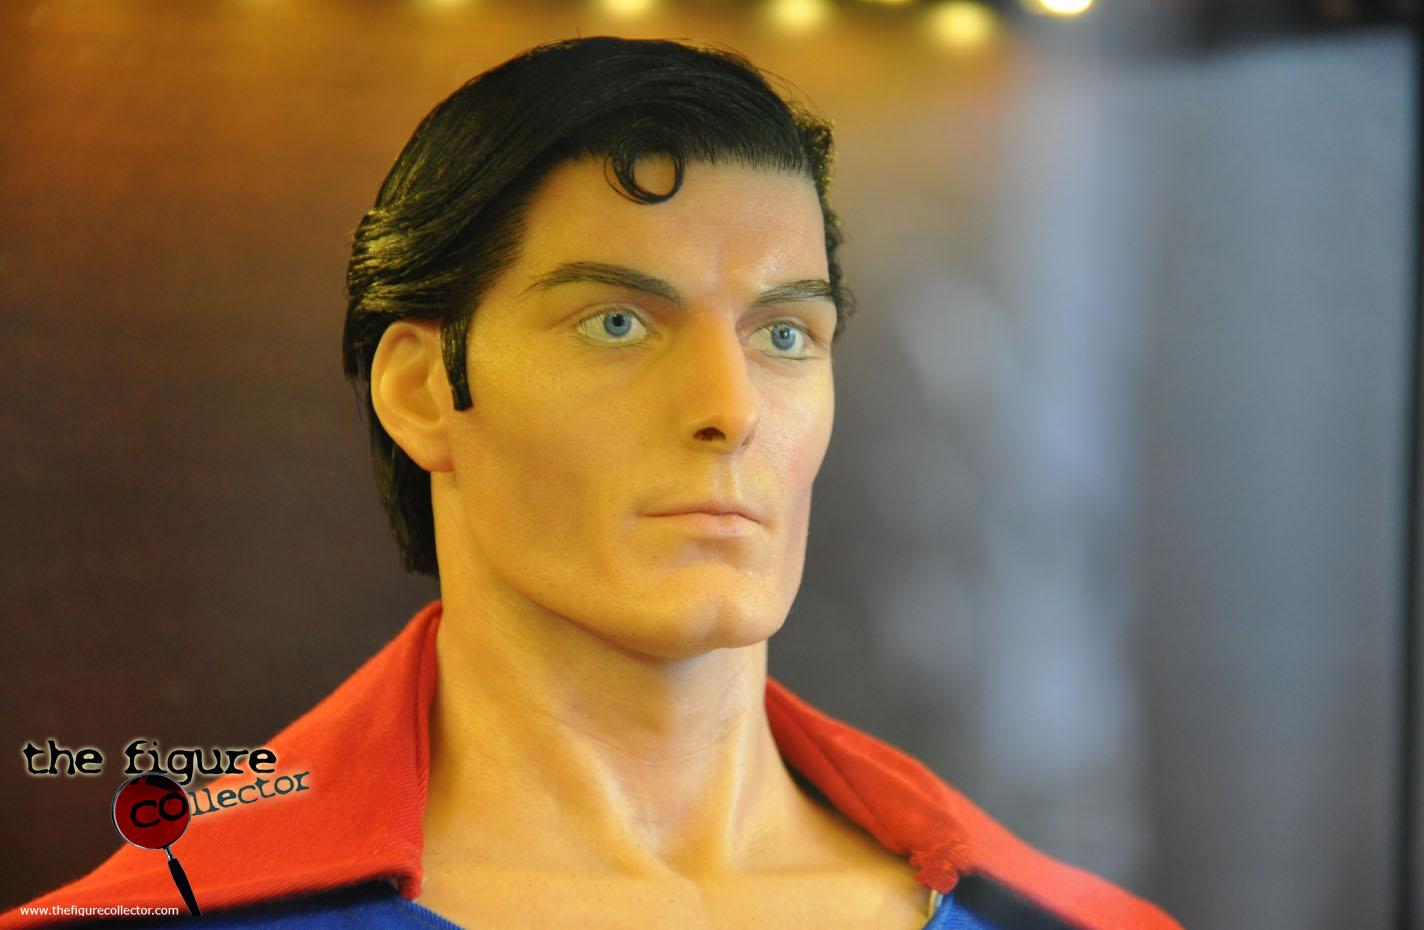 Colecao do Turco louis gara do forum Sideshow Collectors! Pobrinho!!! Superman-Cinemaquette-07